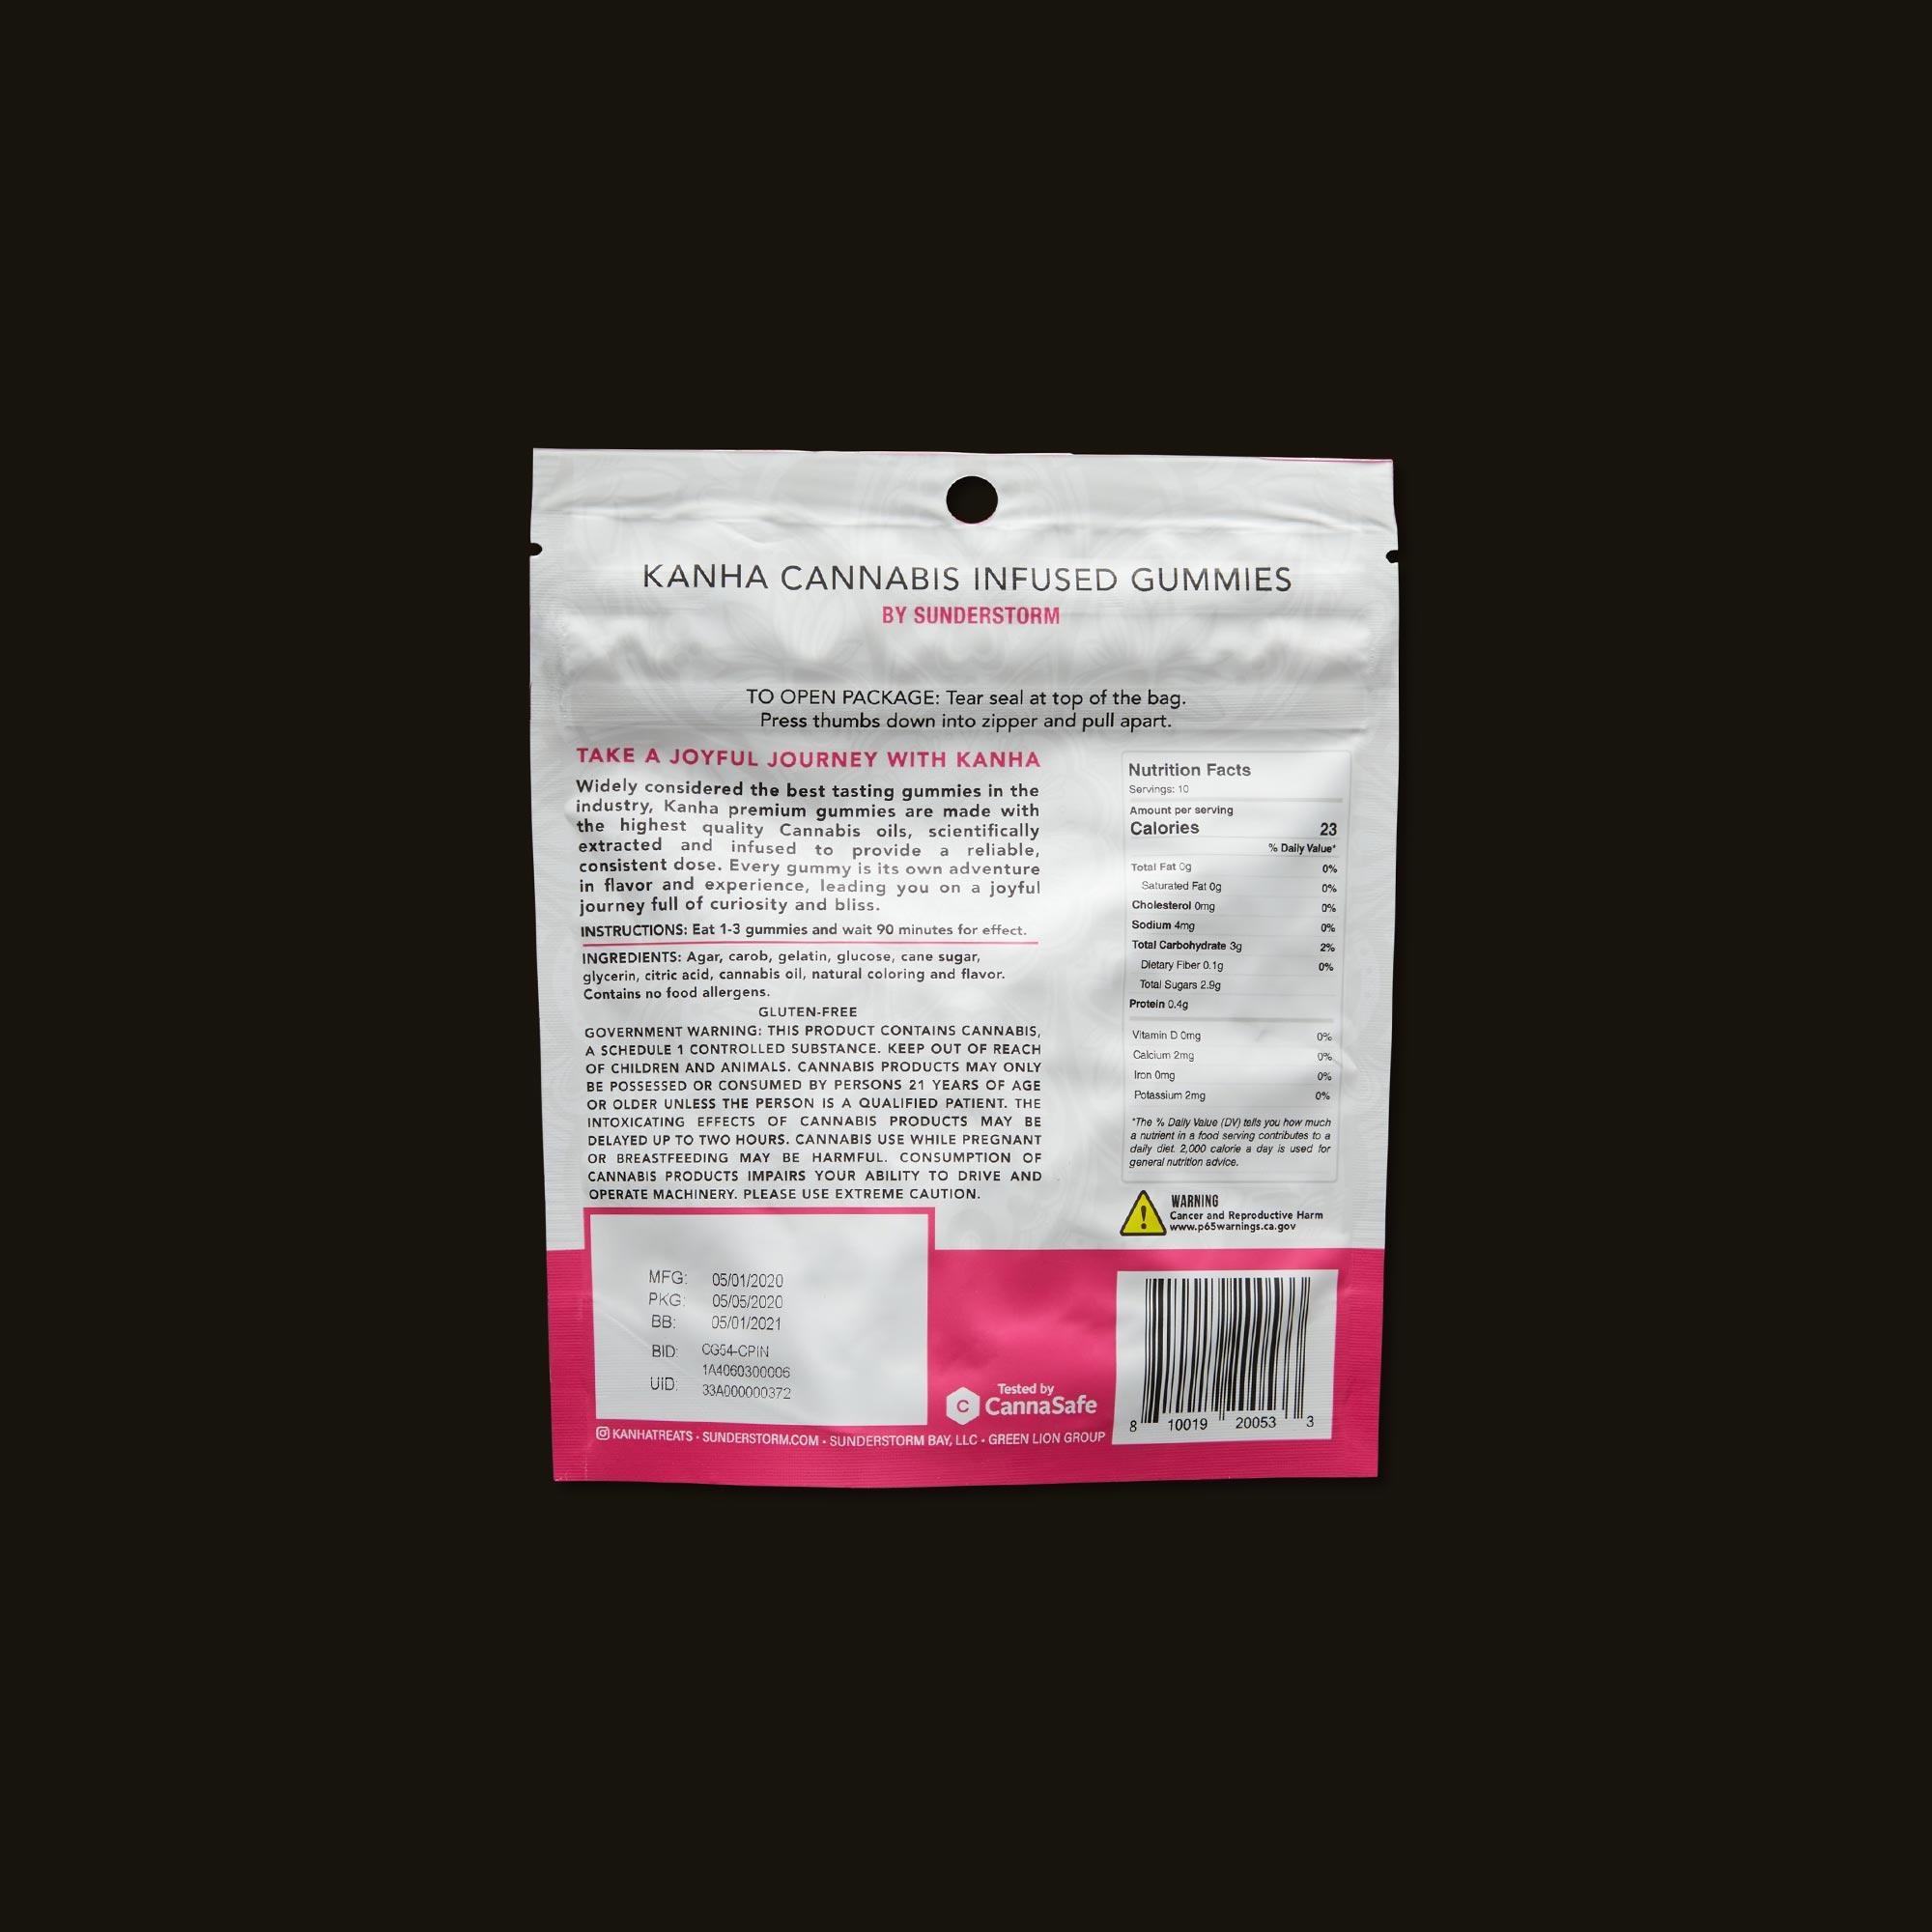 Kanha 1:1 Pink Lemonade Gummies Ingredients